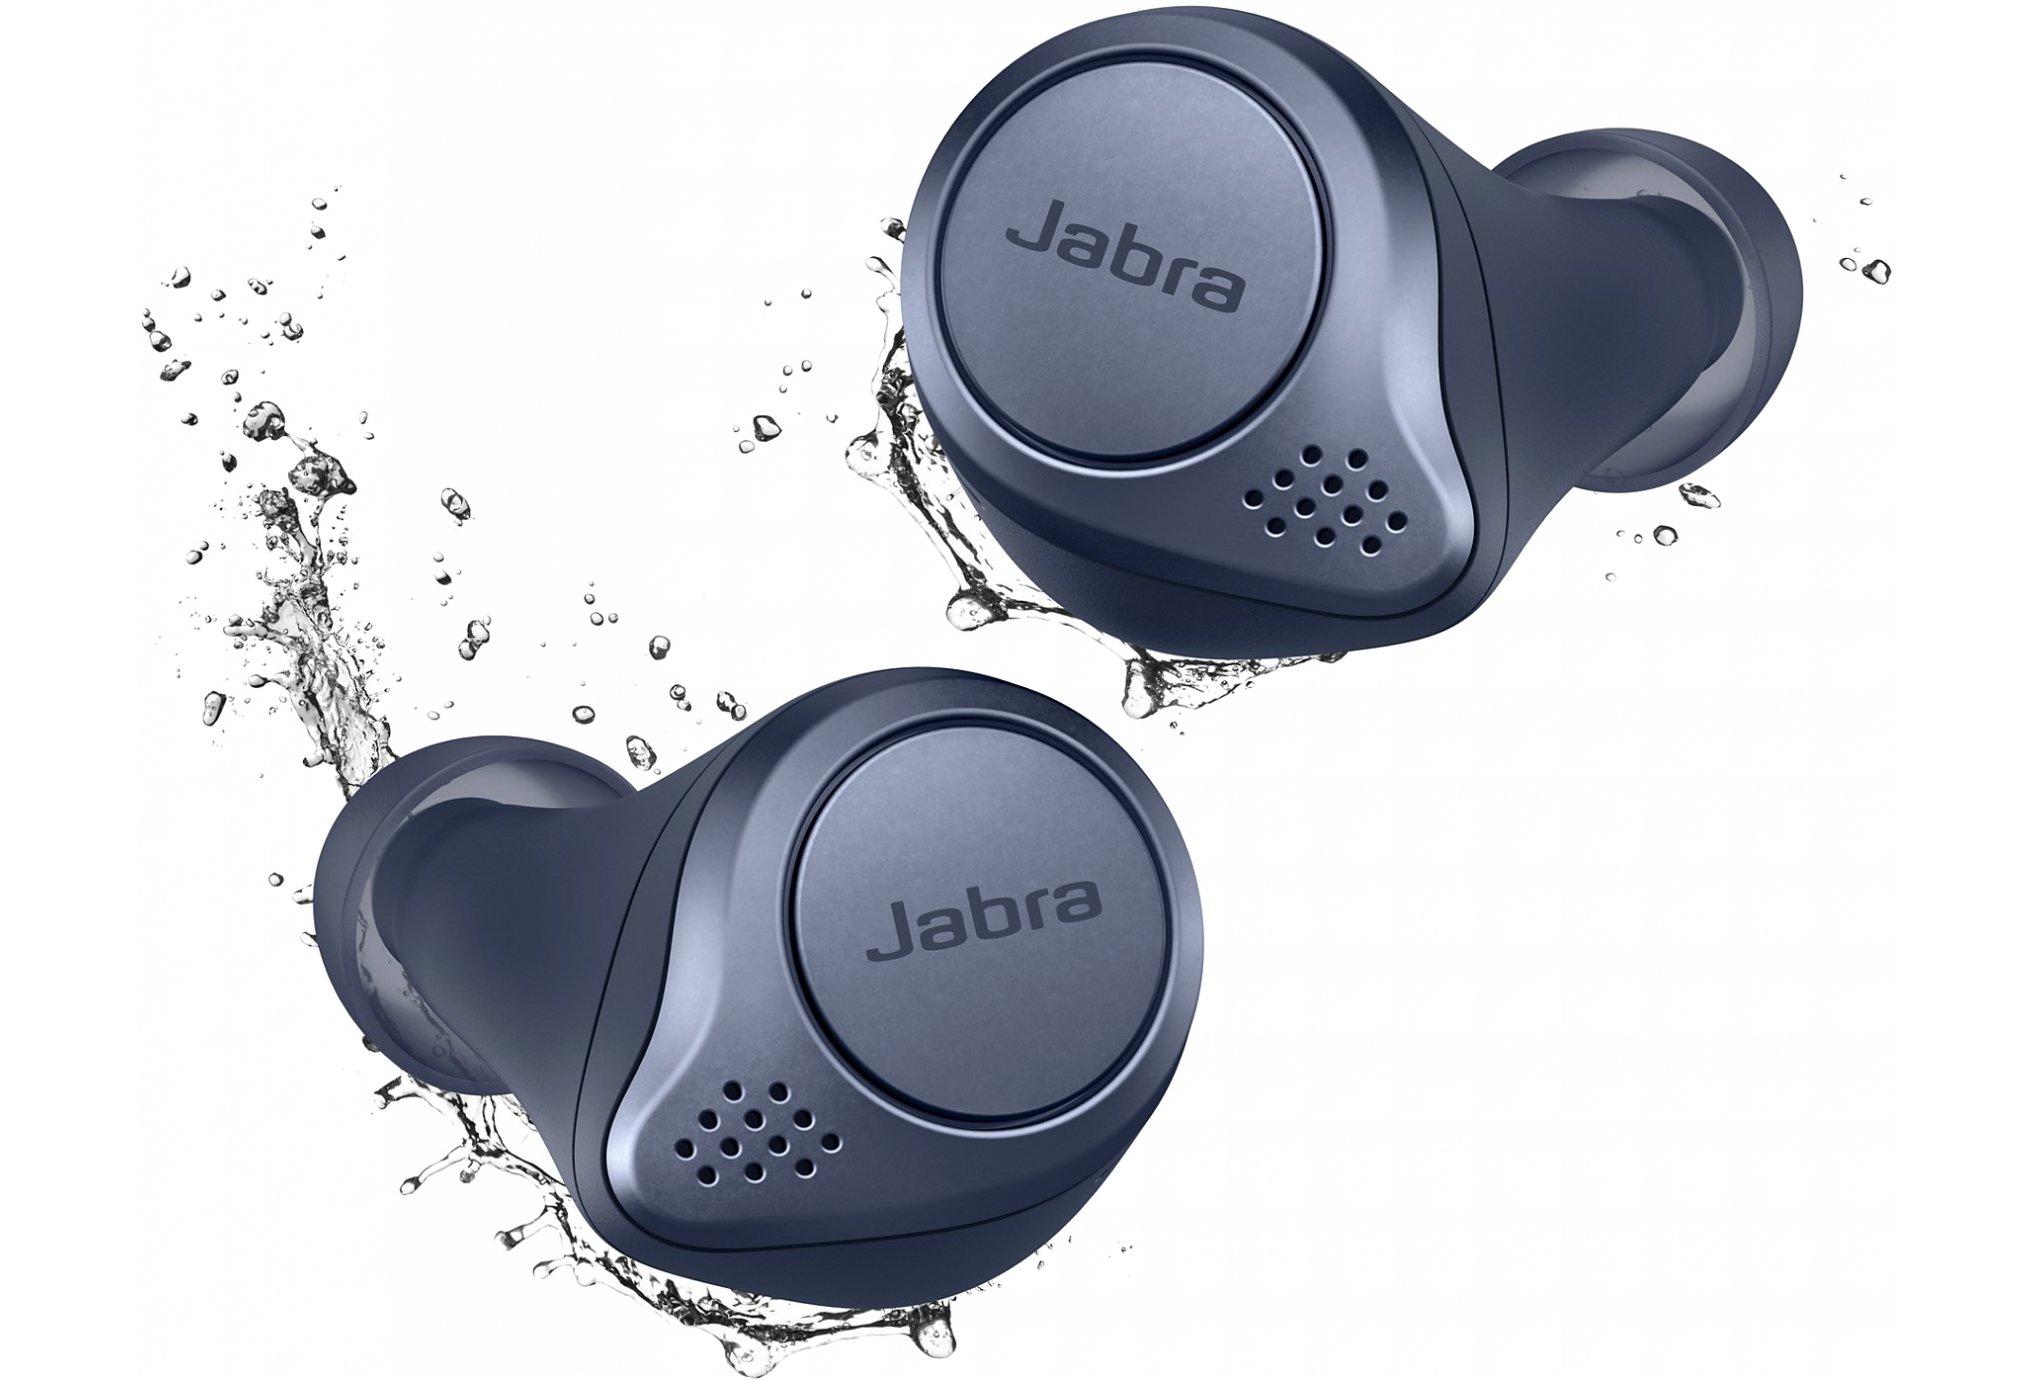 Jabra Elite Active 75t Casques / lecteurs mp3